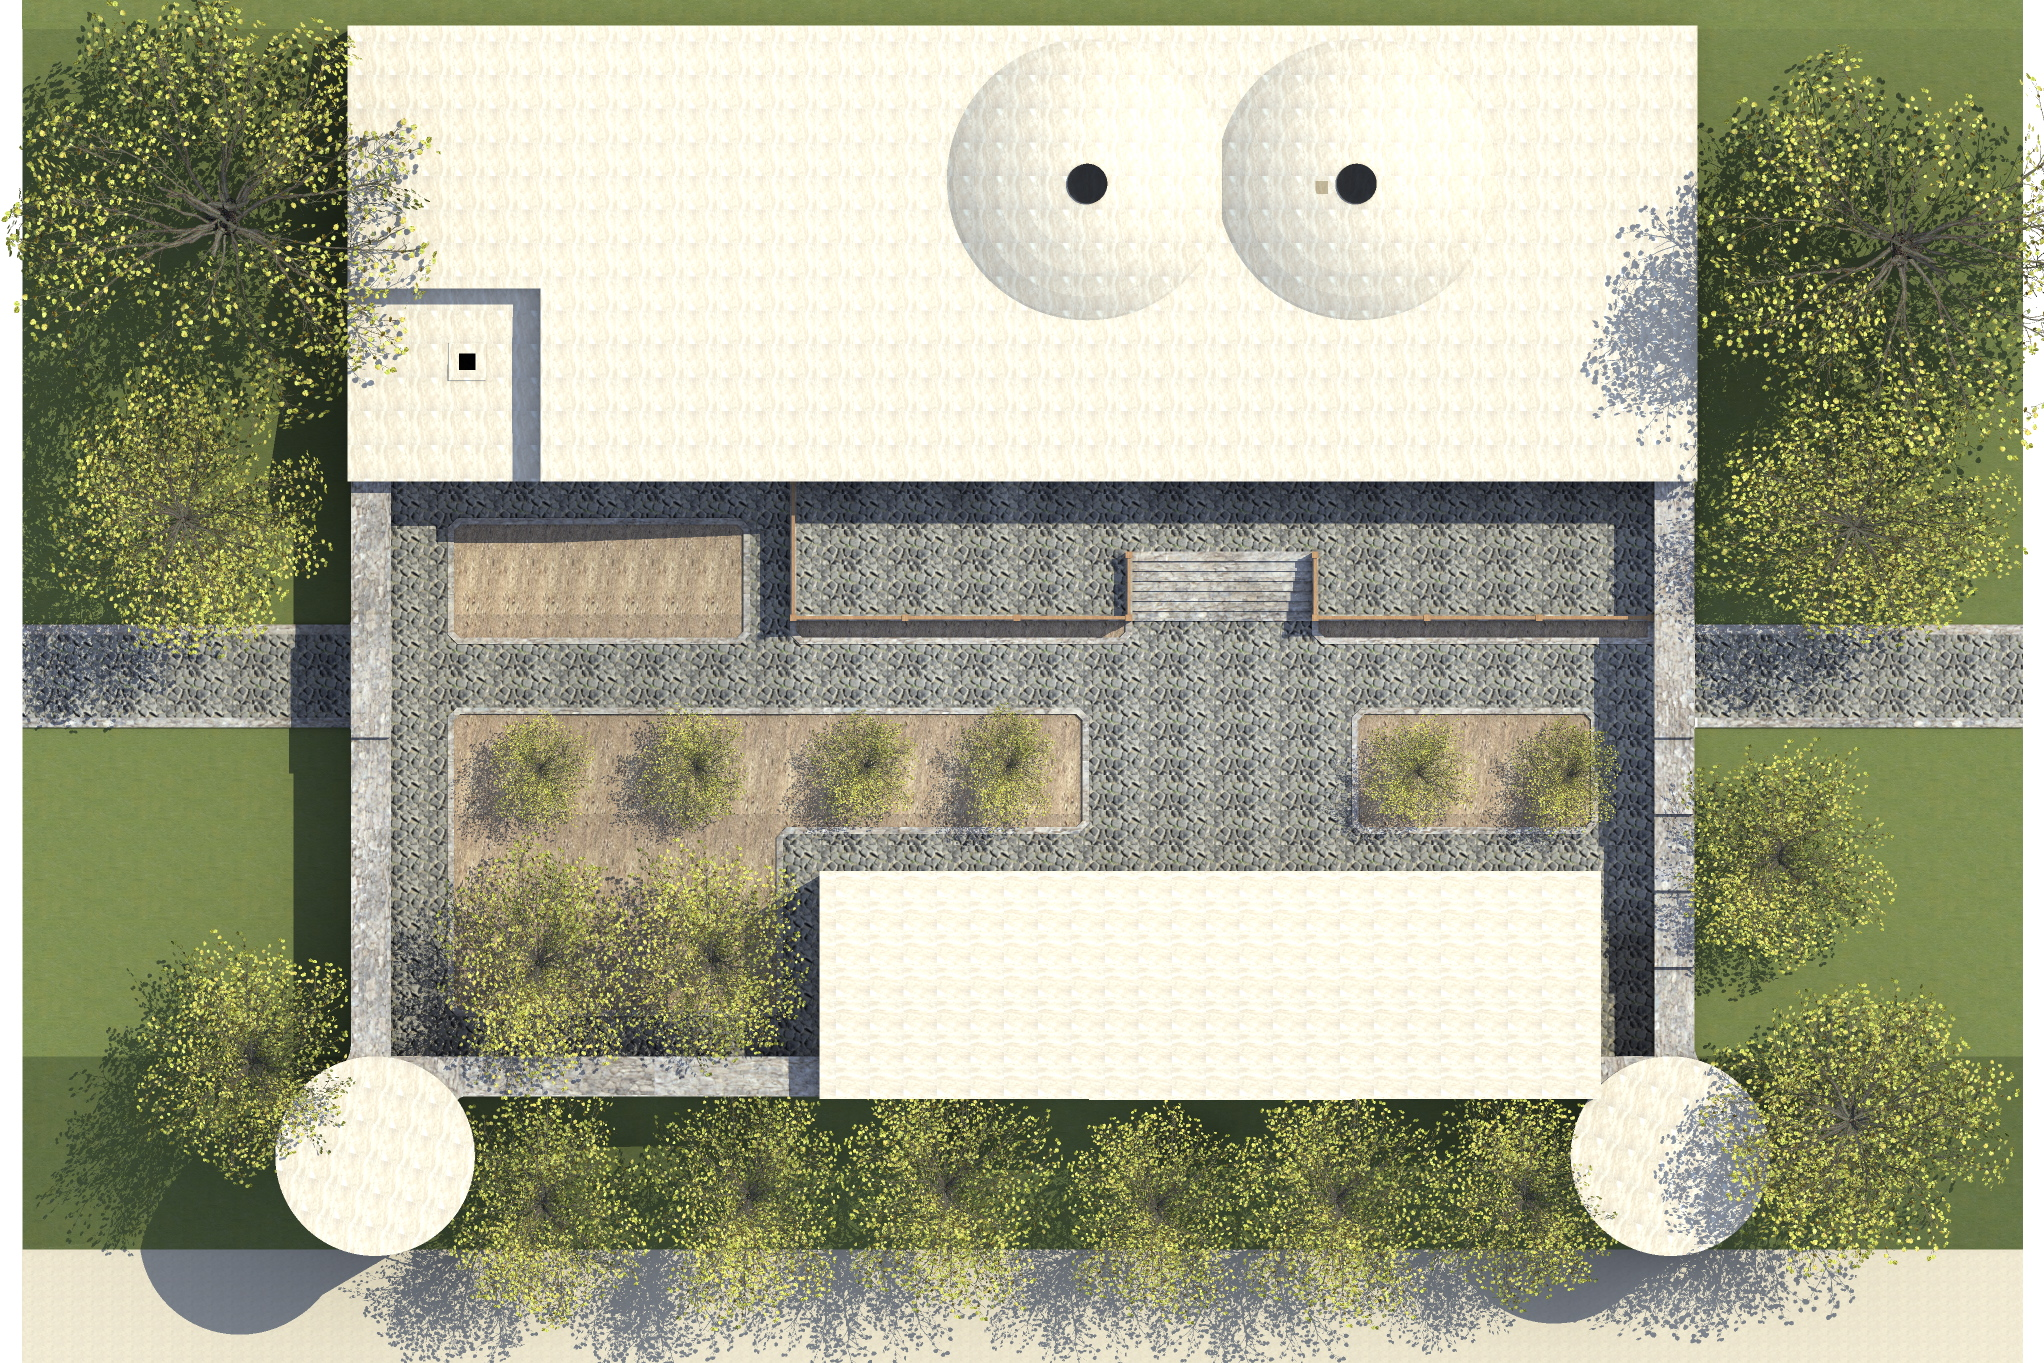 3д визуализация восстановления средневекового дворца - 8